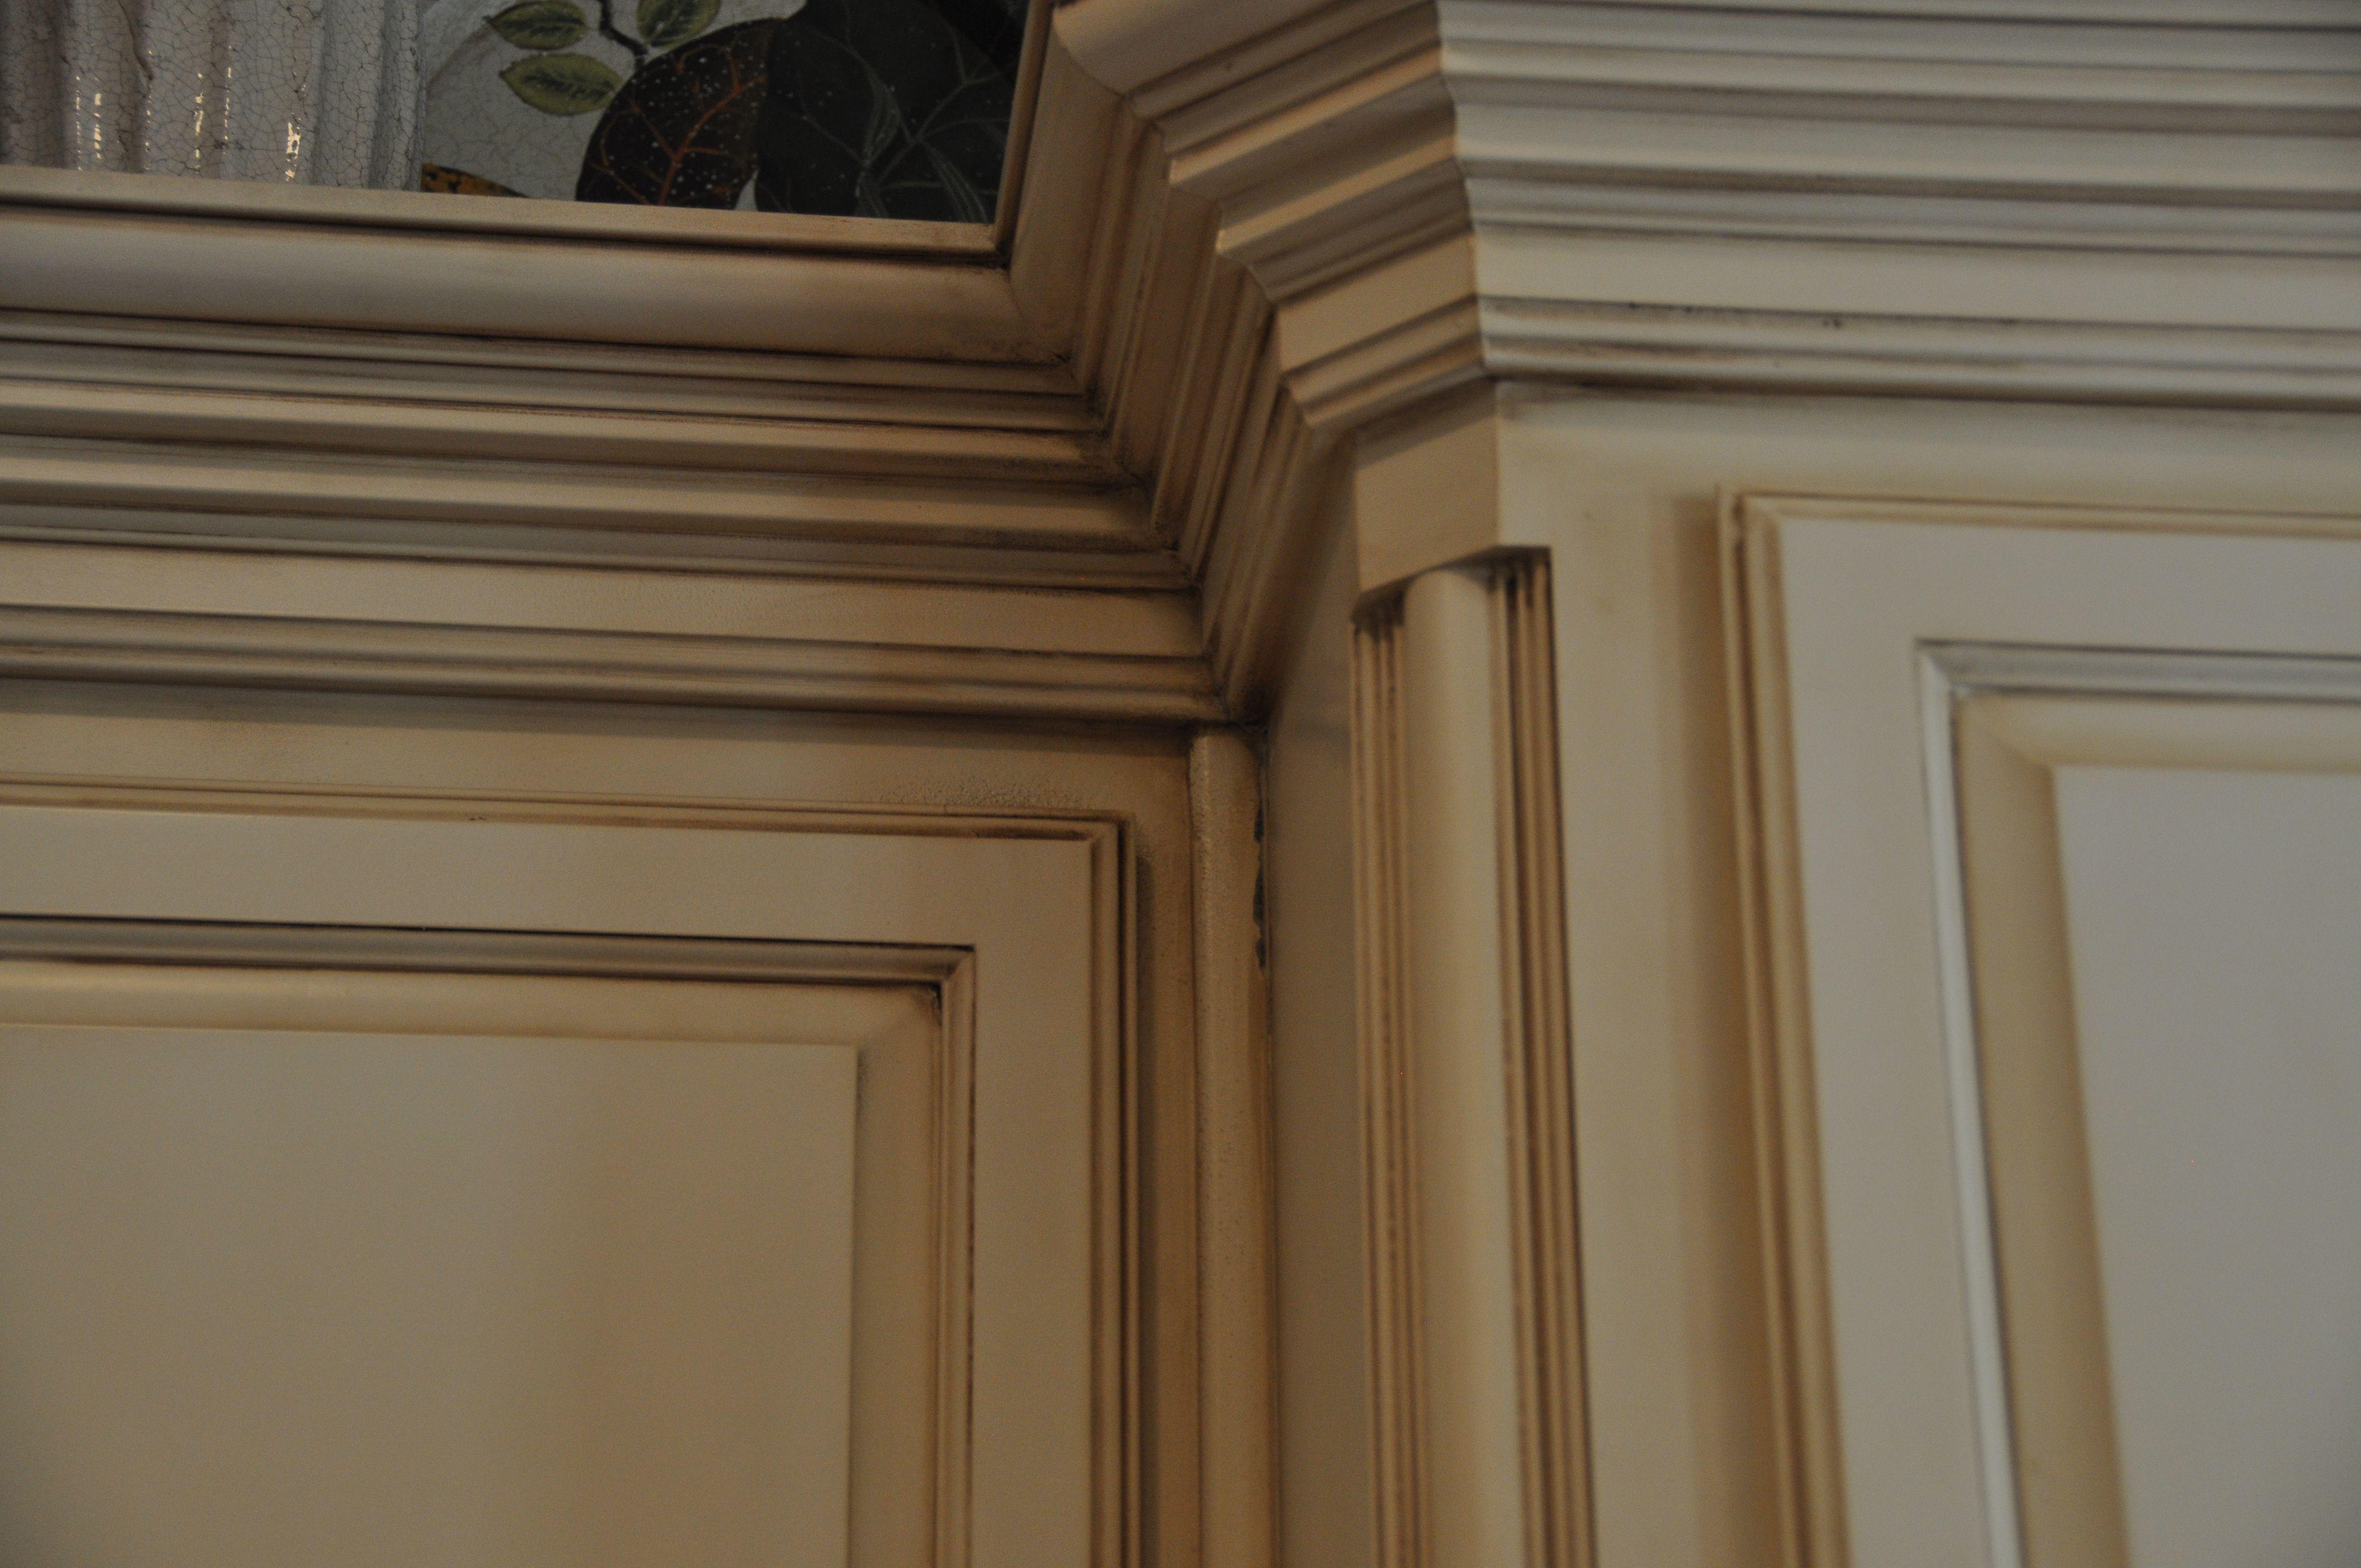 Cream glazed cabinets kitchen ideas pinterest - How to glaze kitchen cabinets cream ...